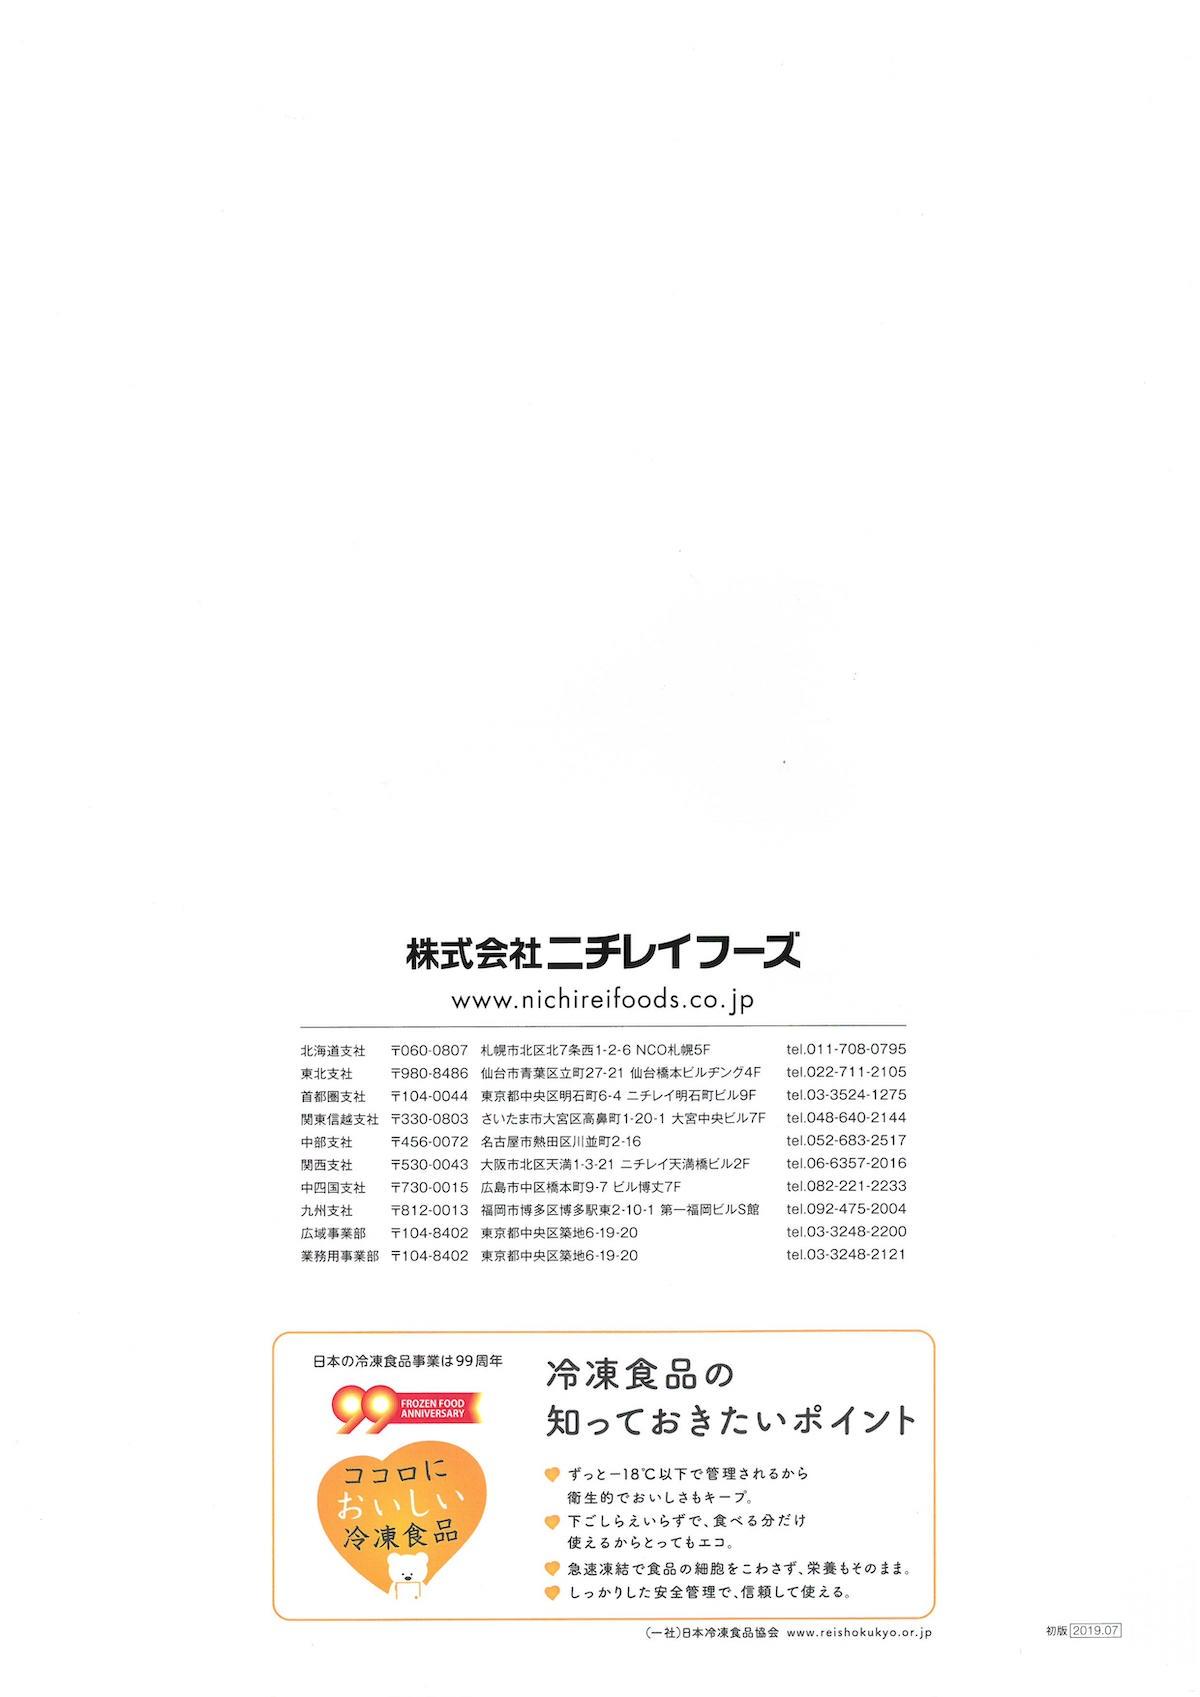 ニチレイフーズ商品カタログ 秋・冬期業務用【冷凍・常温商品】2019 Nichirei New Products2019 Spring&Summer